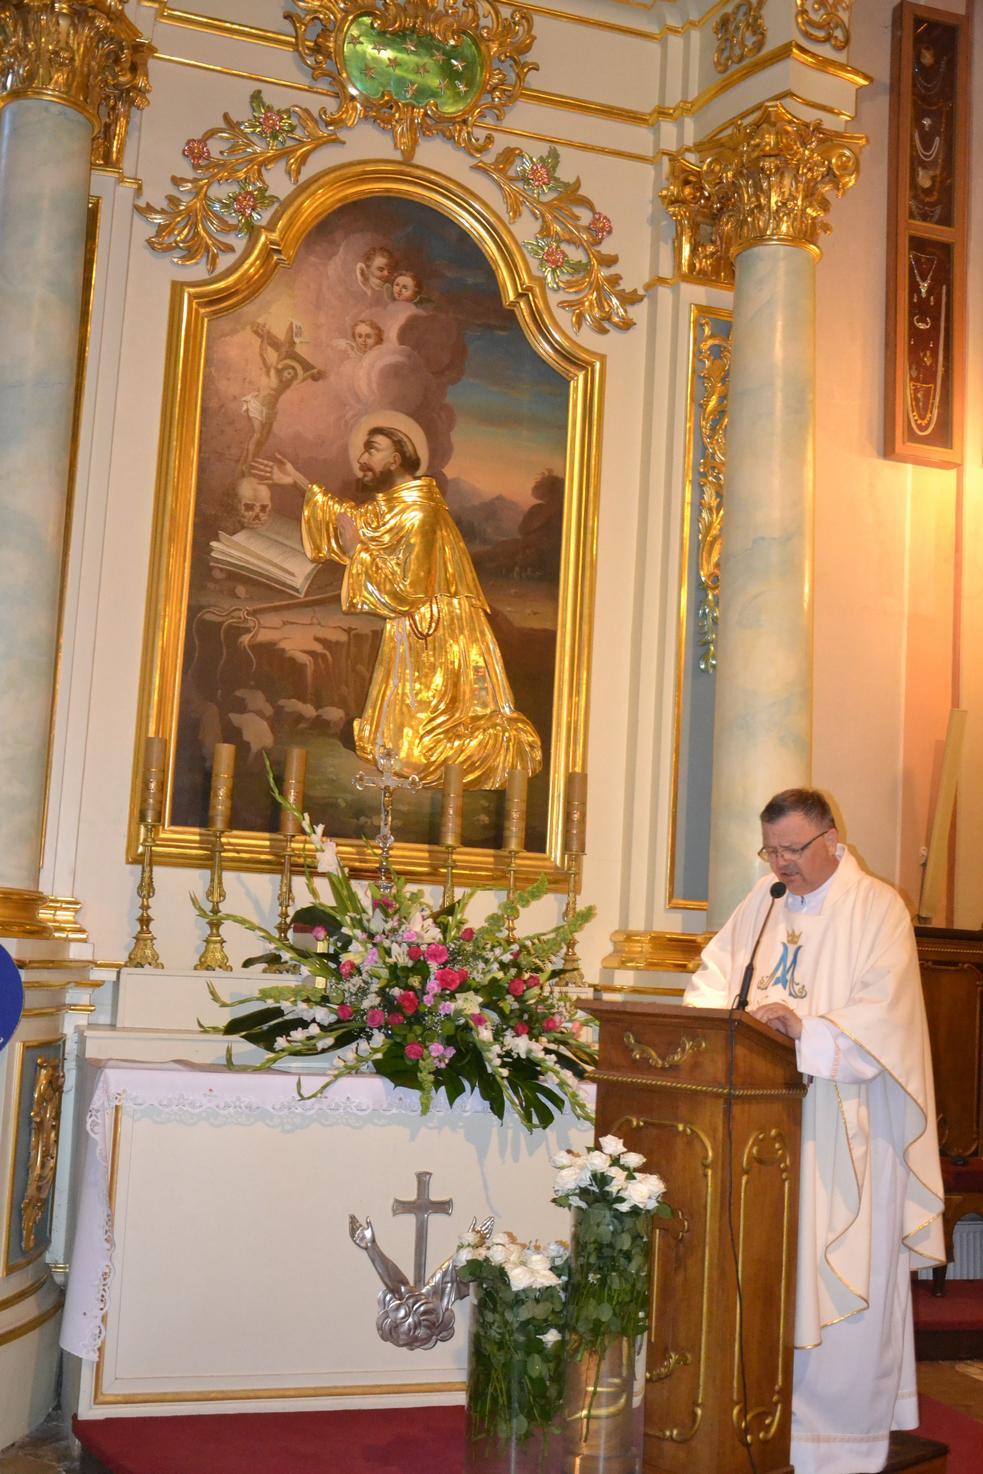 15 Piesza Pielgrzymka Krosno - Kalwaria Pacławska - dzień czwarty 12 sierpnia 2017 (45)